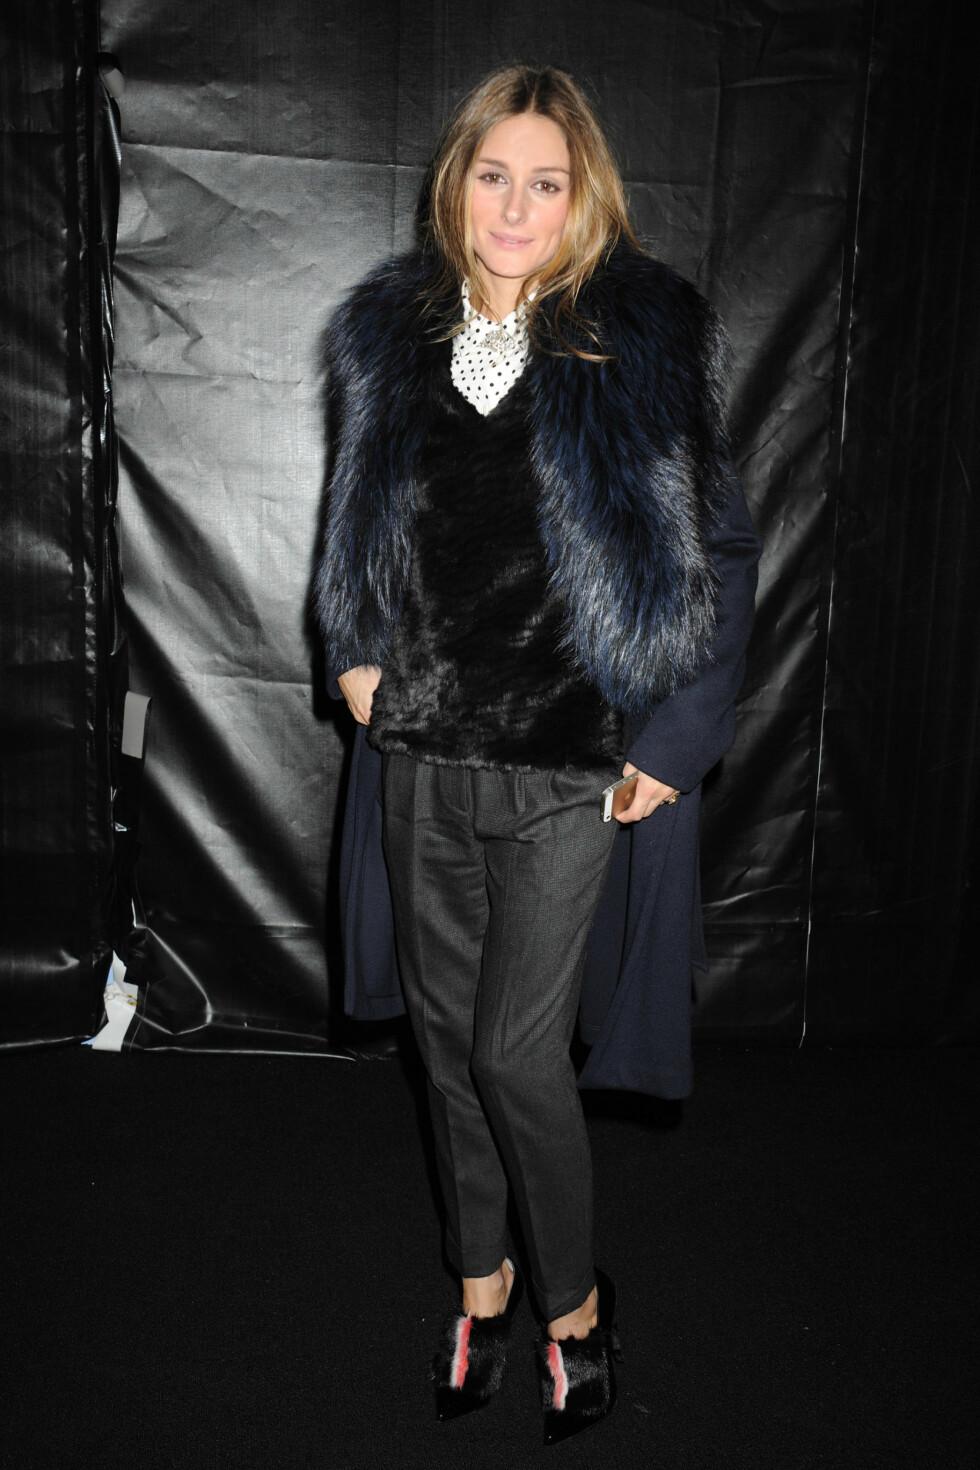 Olivia Palermo var selvsagt på plass under moteuken, og hadde på seg sorte dressbukser og mye fuskepels - både på skoene, genseren og jakken.  Foto: All Over Press